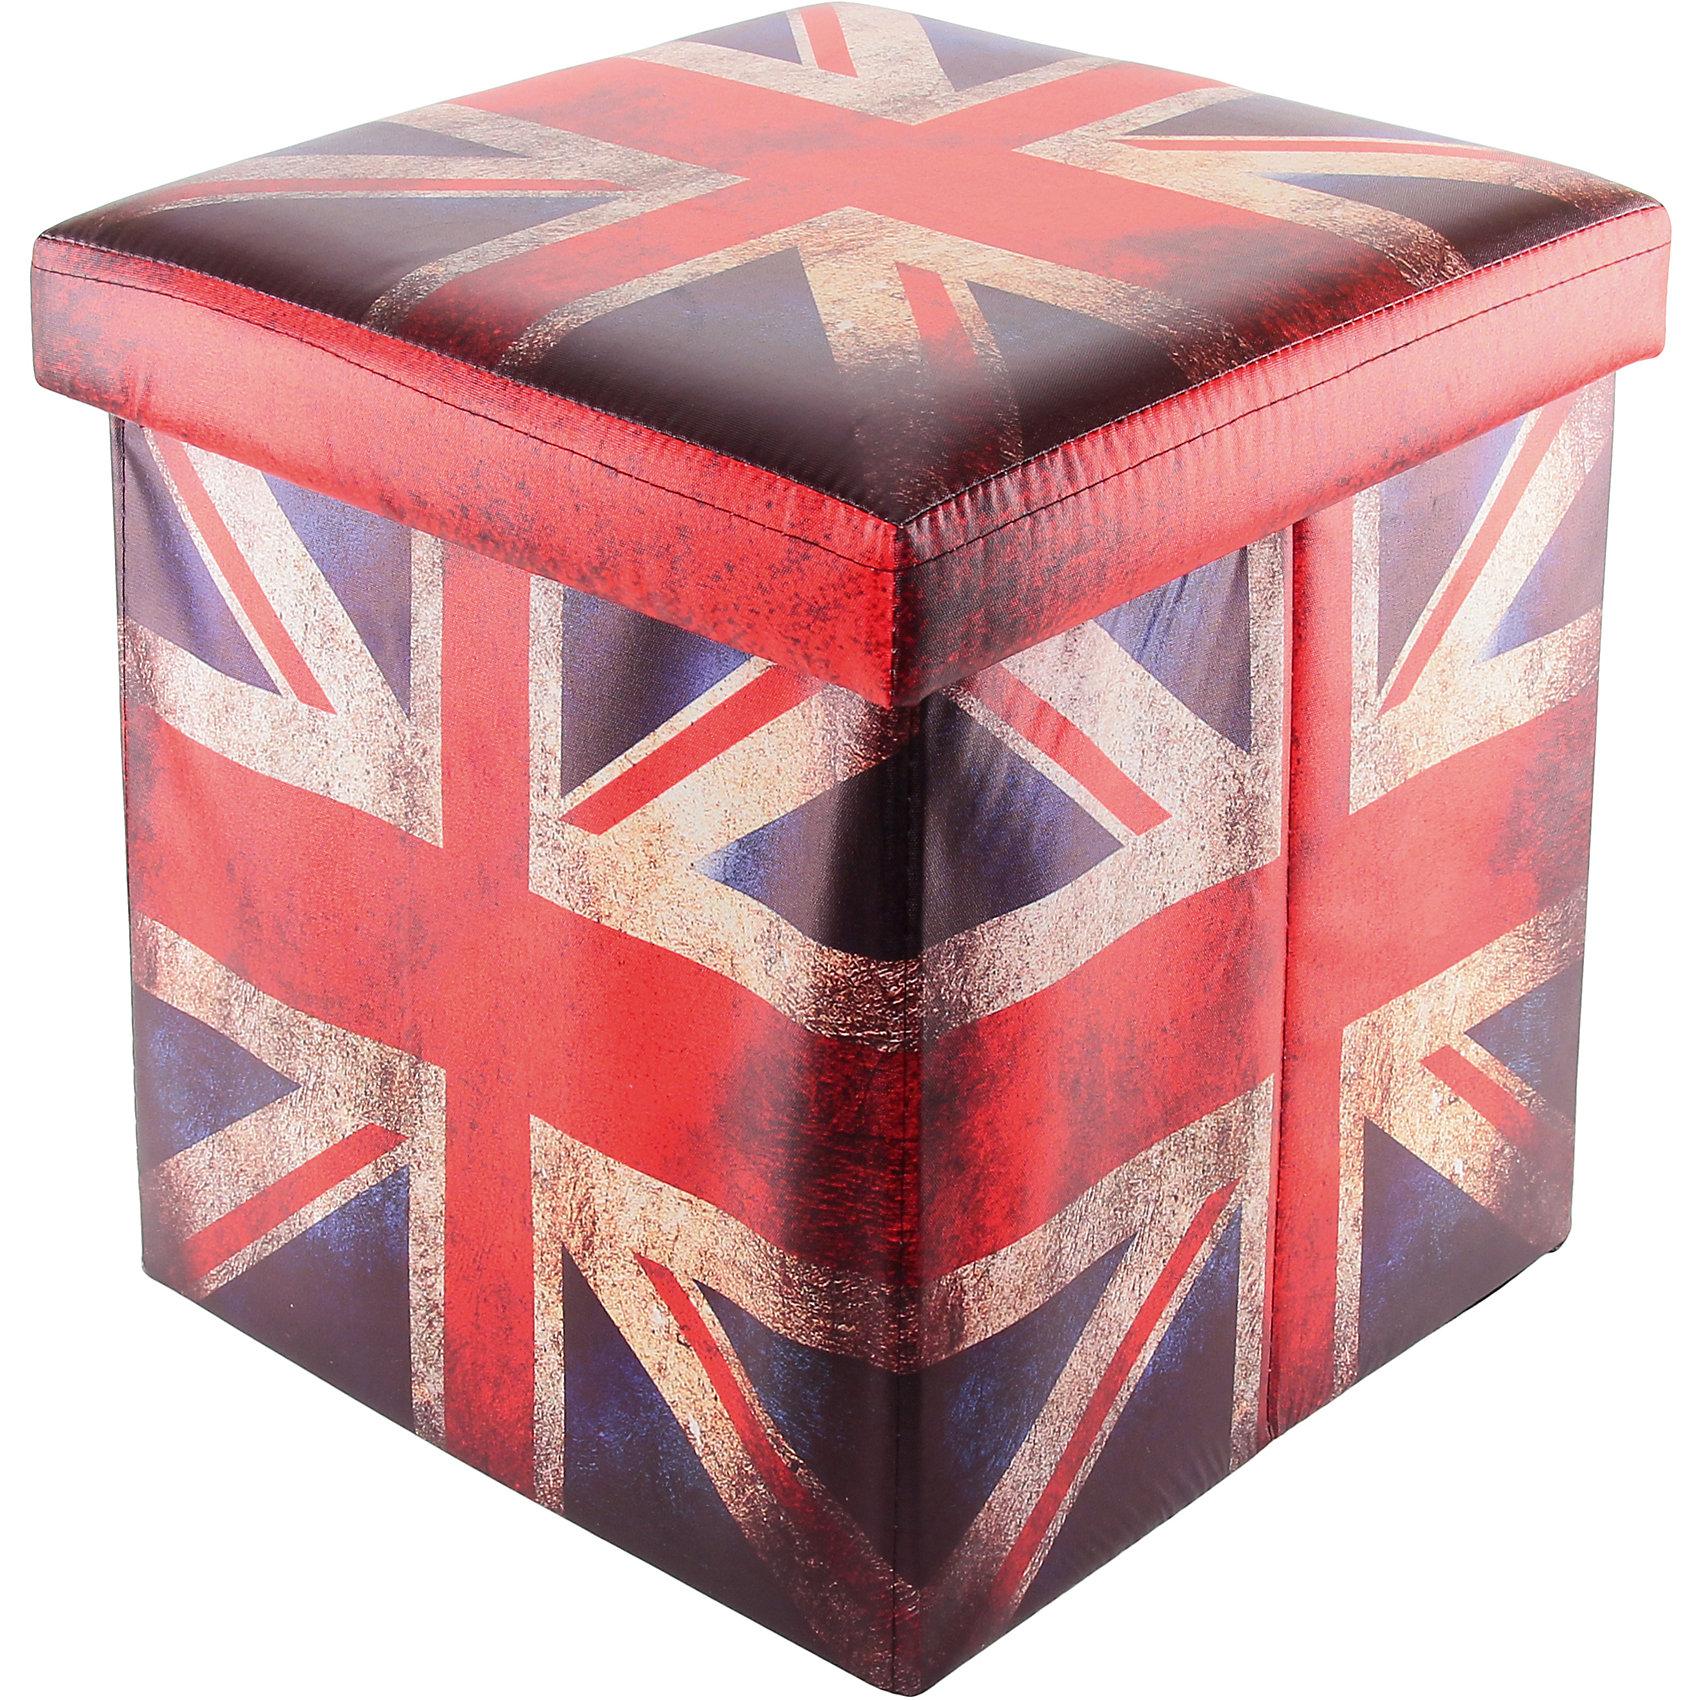 Пуф складной с ящиком для хранения 35*35*35 см. Британский флаг, EL CasaПорядок в детской<br>Характеристики товара:<br><br>• цвет: мульти<br>• материал: МДФ, экокожа<br>• размер: 35 х 35 х 35 см<br>• вес: 1000 г<br>• легко складывается<br>• декорирован принтом<br>• с ящиком для хранения<br>• удобный<br>• вместительный<br>• универсальный размер<br>• страна бренда: Российская Федерация<br>• страна производства: Китай<br><br>Такой пуф - отличный пример красивой и функциональной вещи для любого интерьера. В нем удобной хранить различные мелочи, благодаря универсальному дизайну и расцветке он хорошо будет смотреться в помещении.<br><br>Пуф для хранения может стать отличным приобретением для дома или подарком для любителей красивых оригинальных вещей.<br><br>Бренд EL Casa - это красивые и практичные товары для дома с современным дизайном. Они добавляют в жильё уюта и комфорта! <br><br>Пуф складной с ящиком для хранения 35*35*35 см. Британский флаг, EL Casa можно купить в нашем интернет-магазине.<br><br>Ширина мм: 350<br>Глубина мм: 350<br>Высота мм: 50<br>Вес г: 1250<br>Возраст от месяцев: 0<br>Возраст до месяцев: 1188<br>Пол: Унисекс<br>Возраст: Детский<br>SKU: 6668674